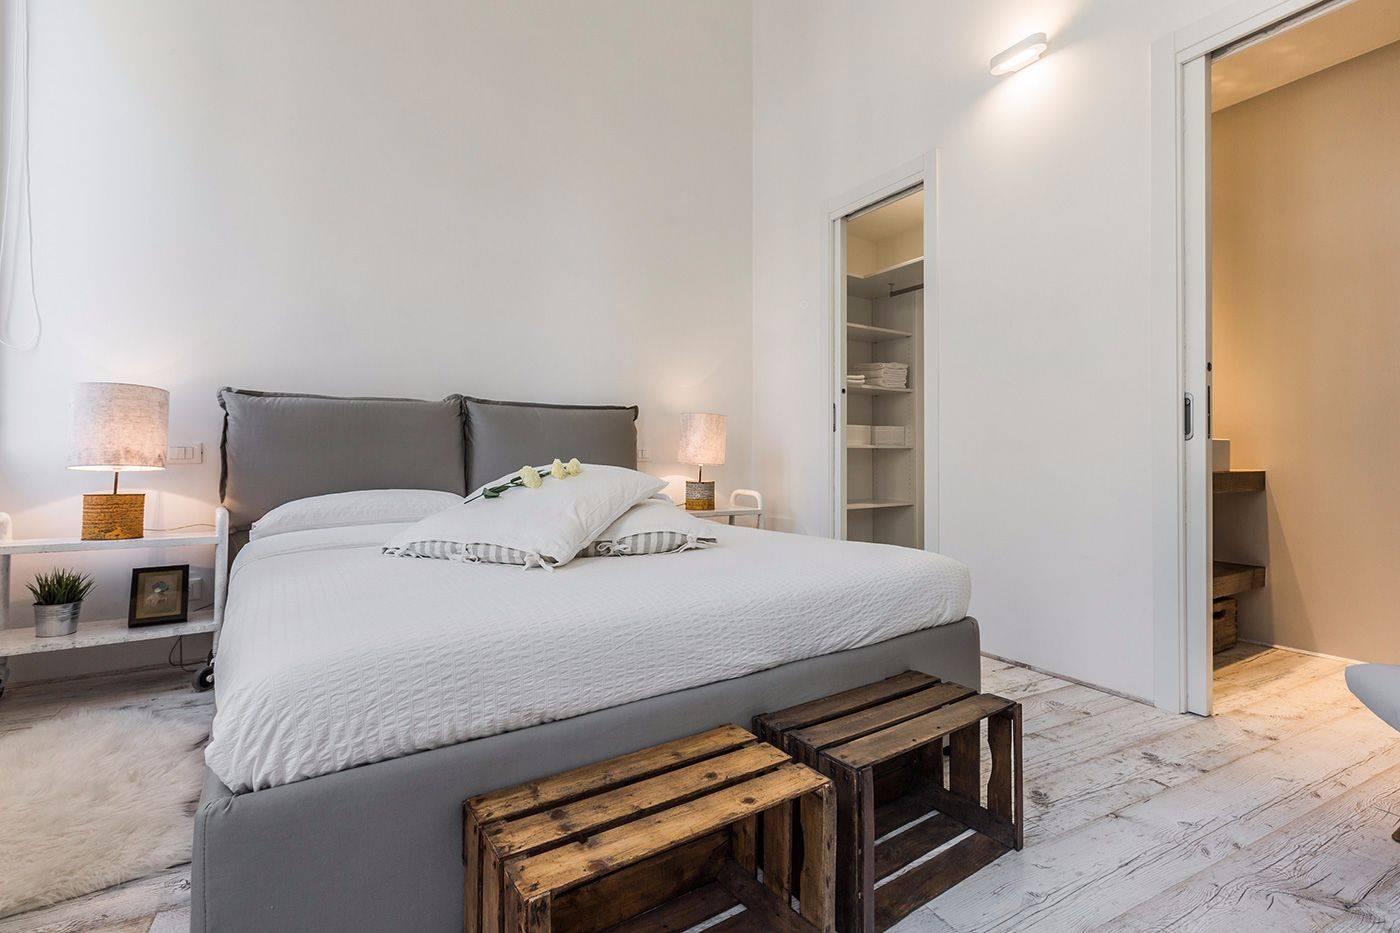 master bedroom with walk-in wardrobe and en-suite bathroom